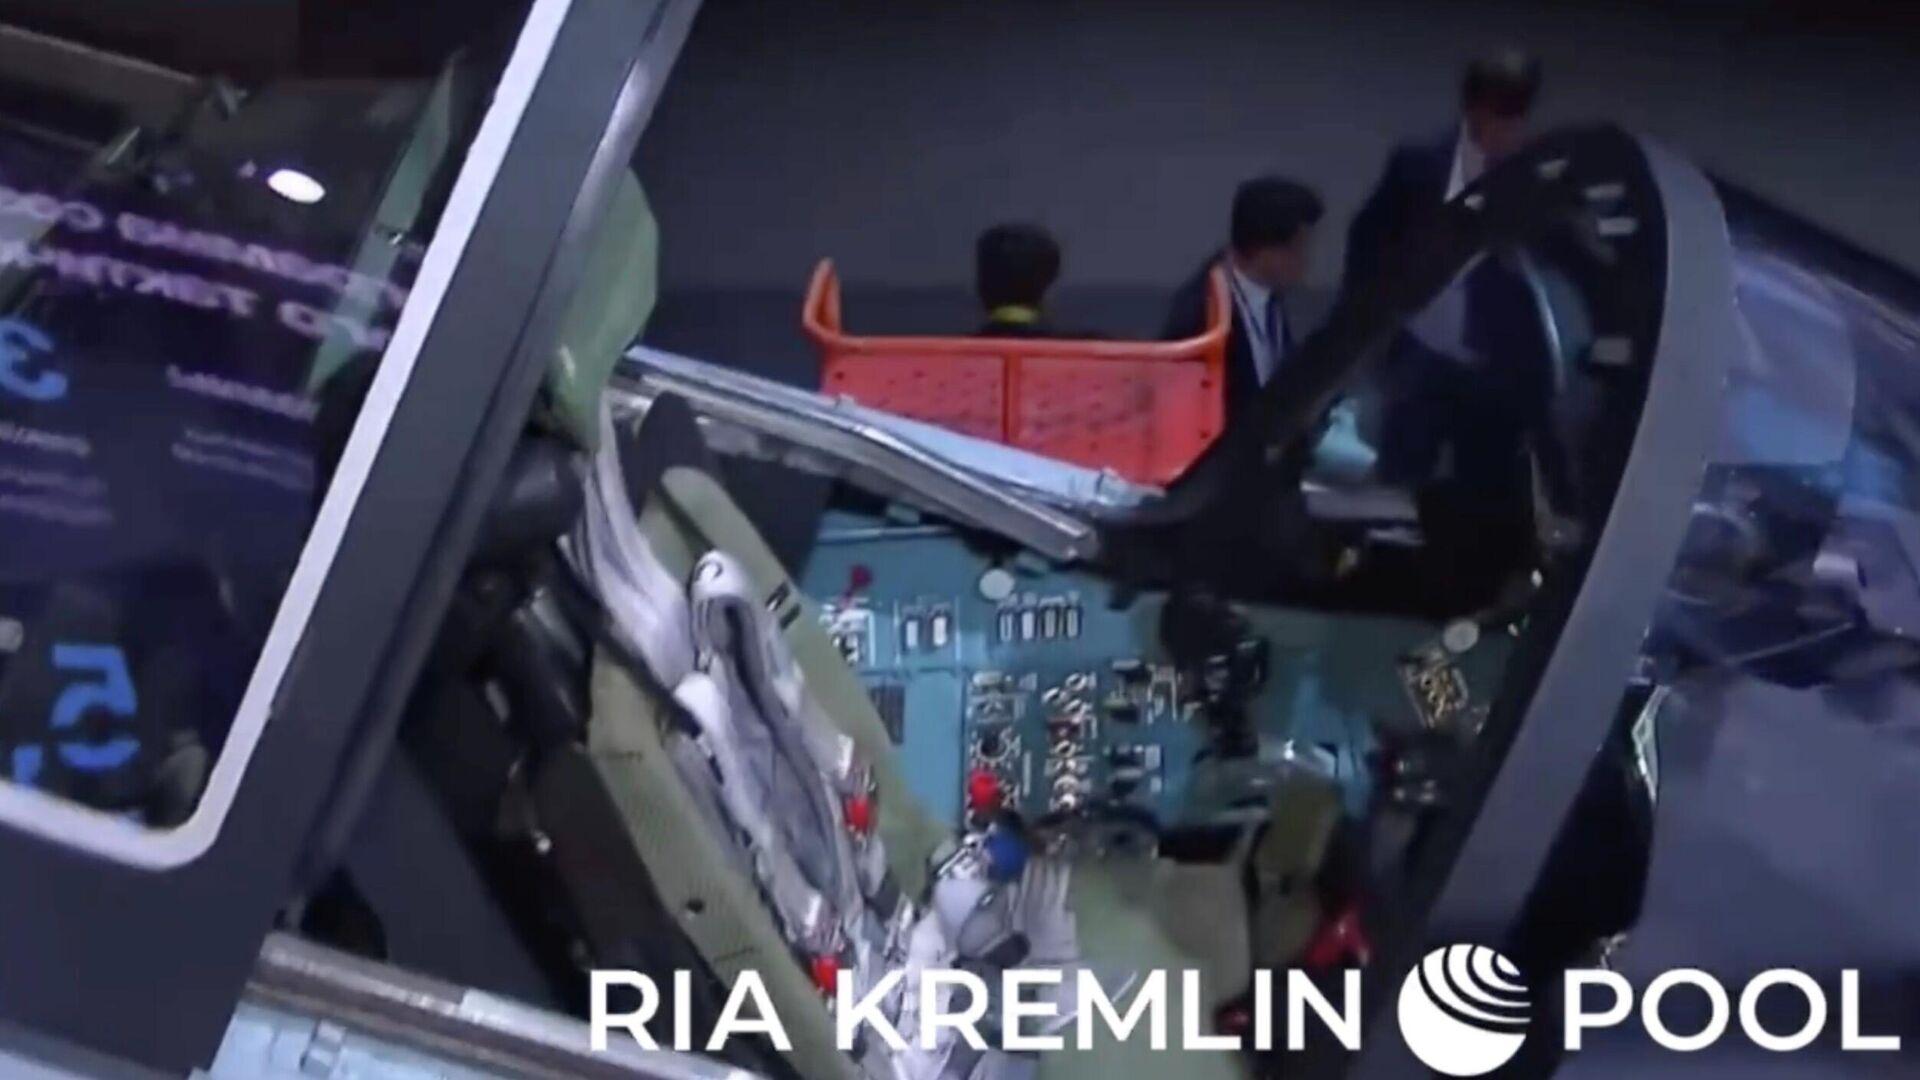 Новый истребитель Сухого Checkmate показали Путину - РИА Новости, 1920, 20.07.2021